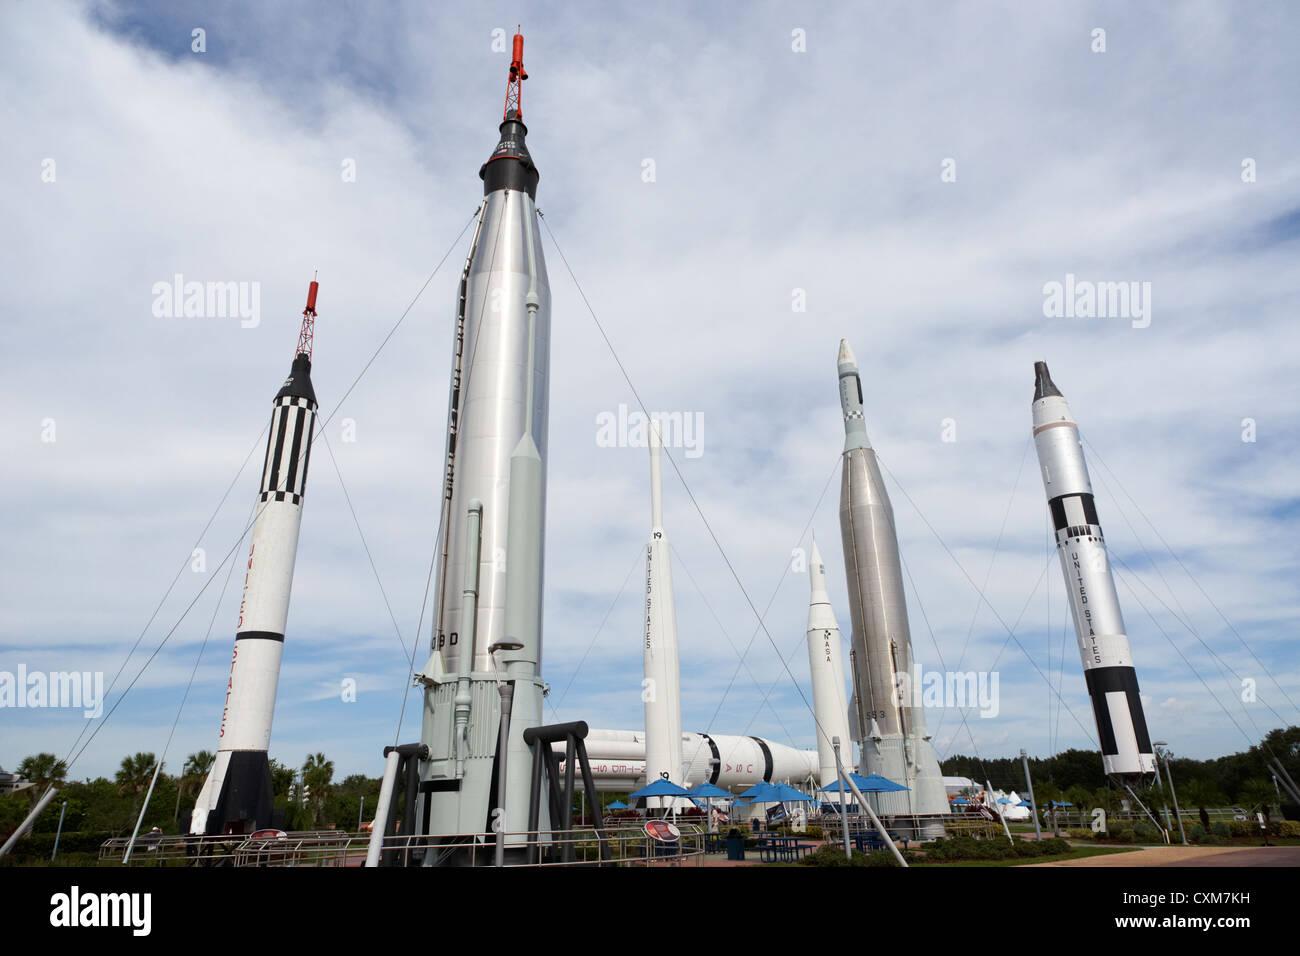 the rocket garden at Kennedy Space Center Florida USA - Stock Image